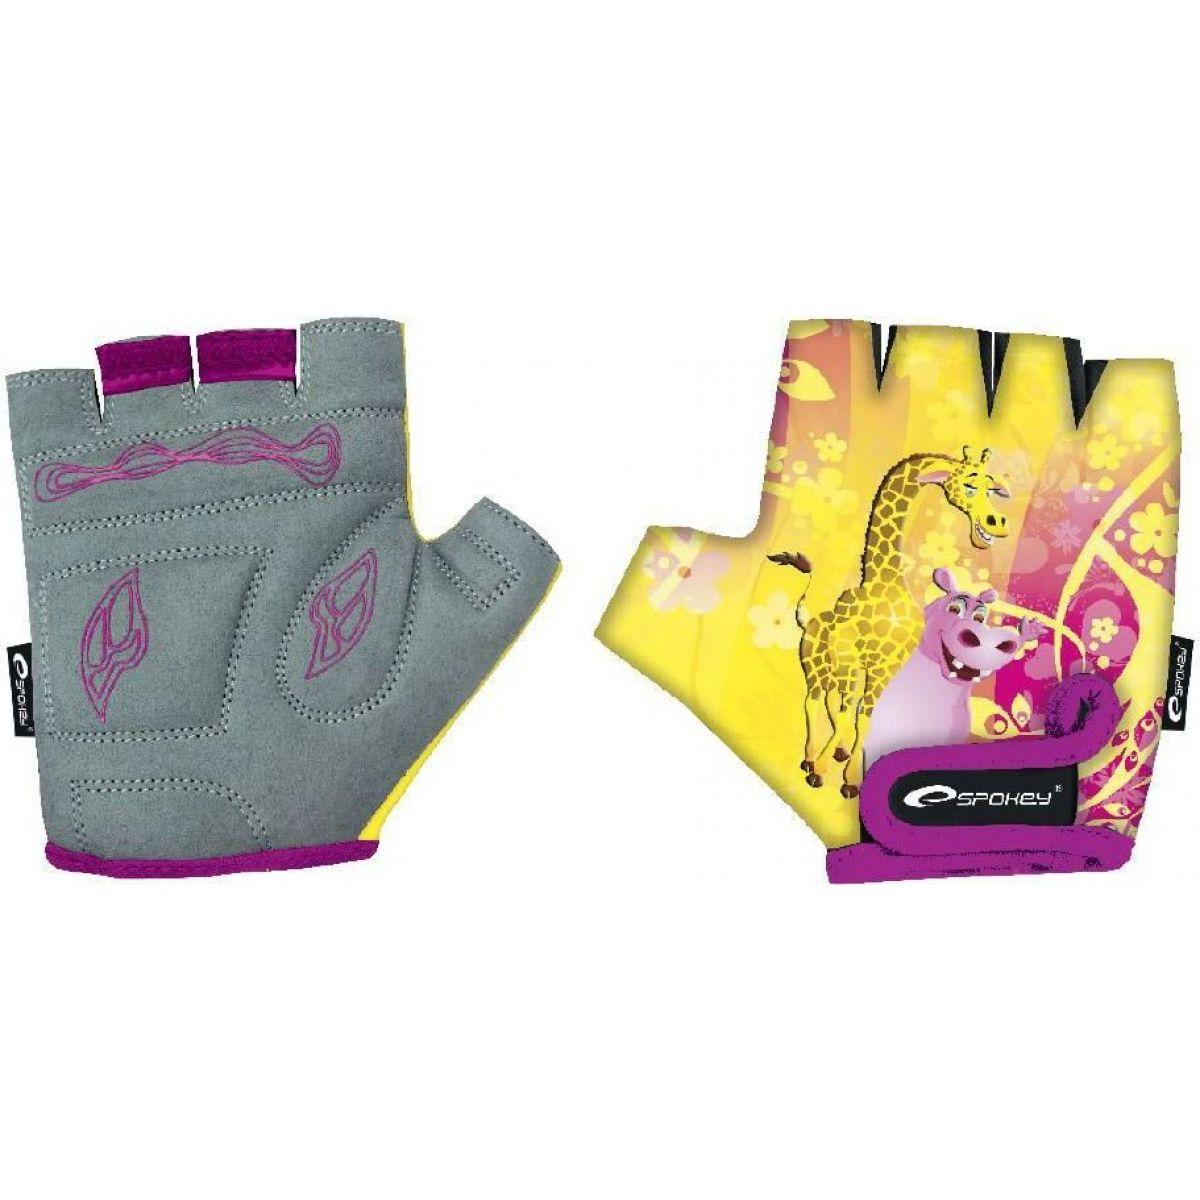 Spokey Giraffe Glove Dětské cyklistické rukavice XS 16 cm